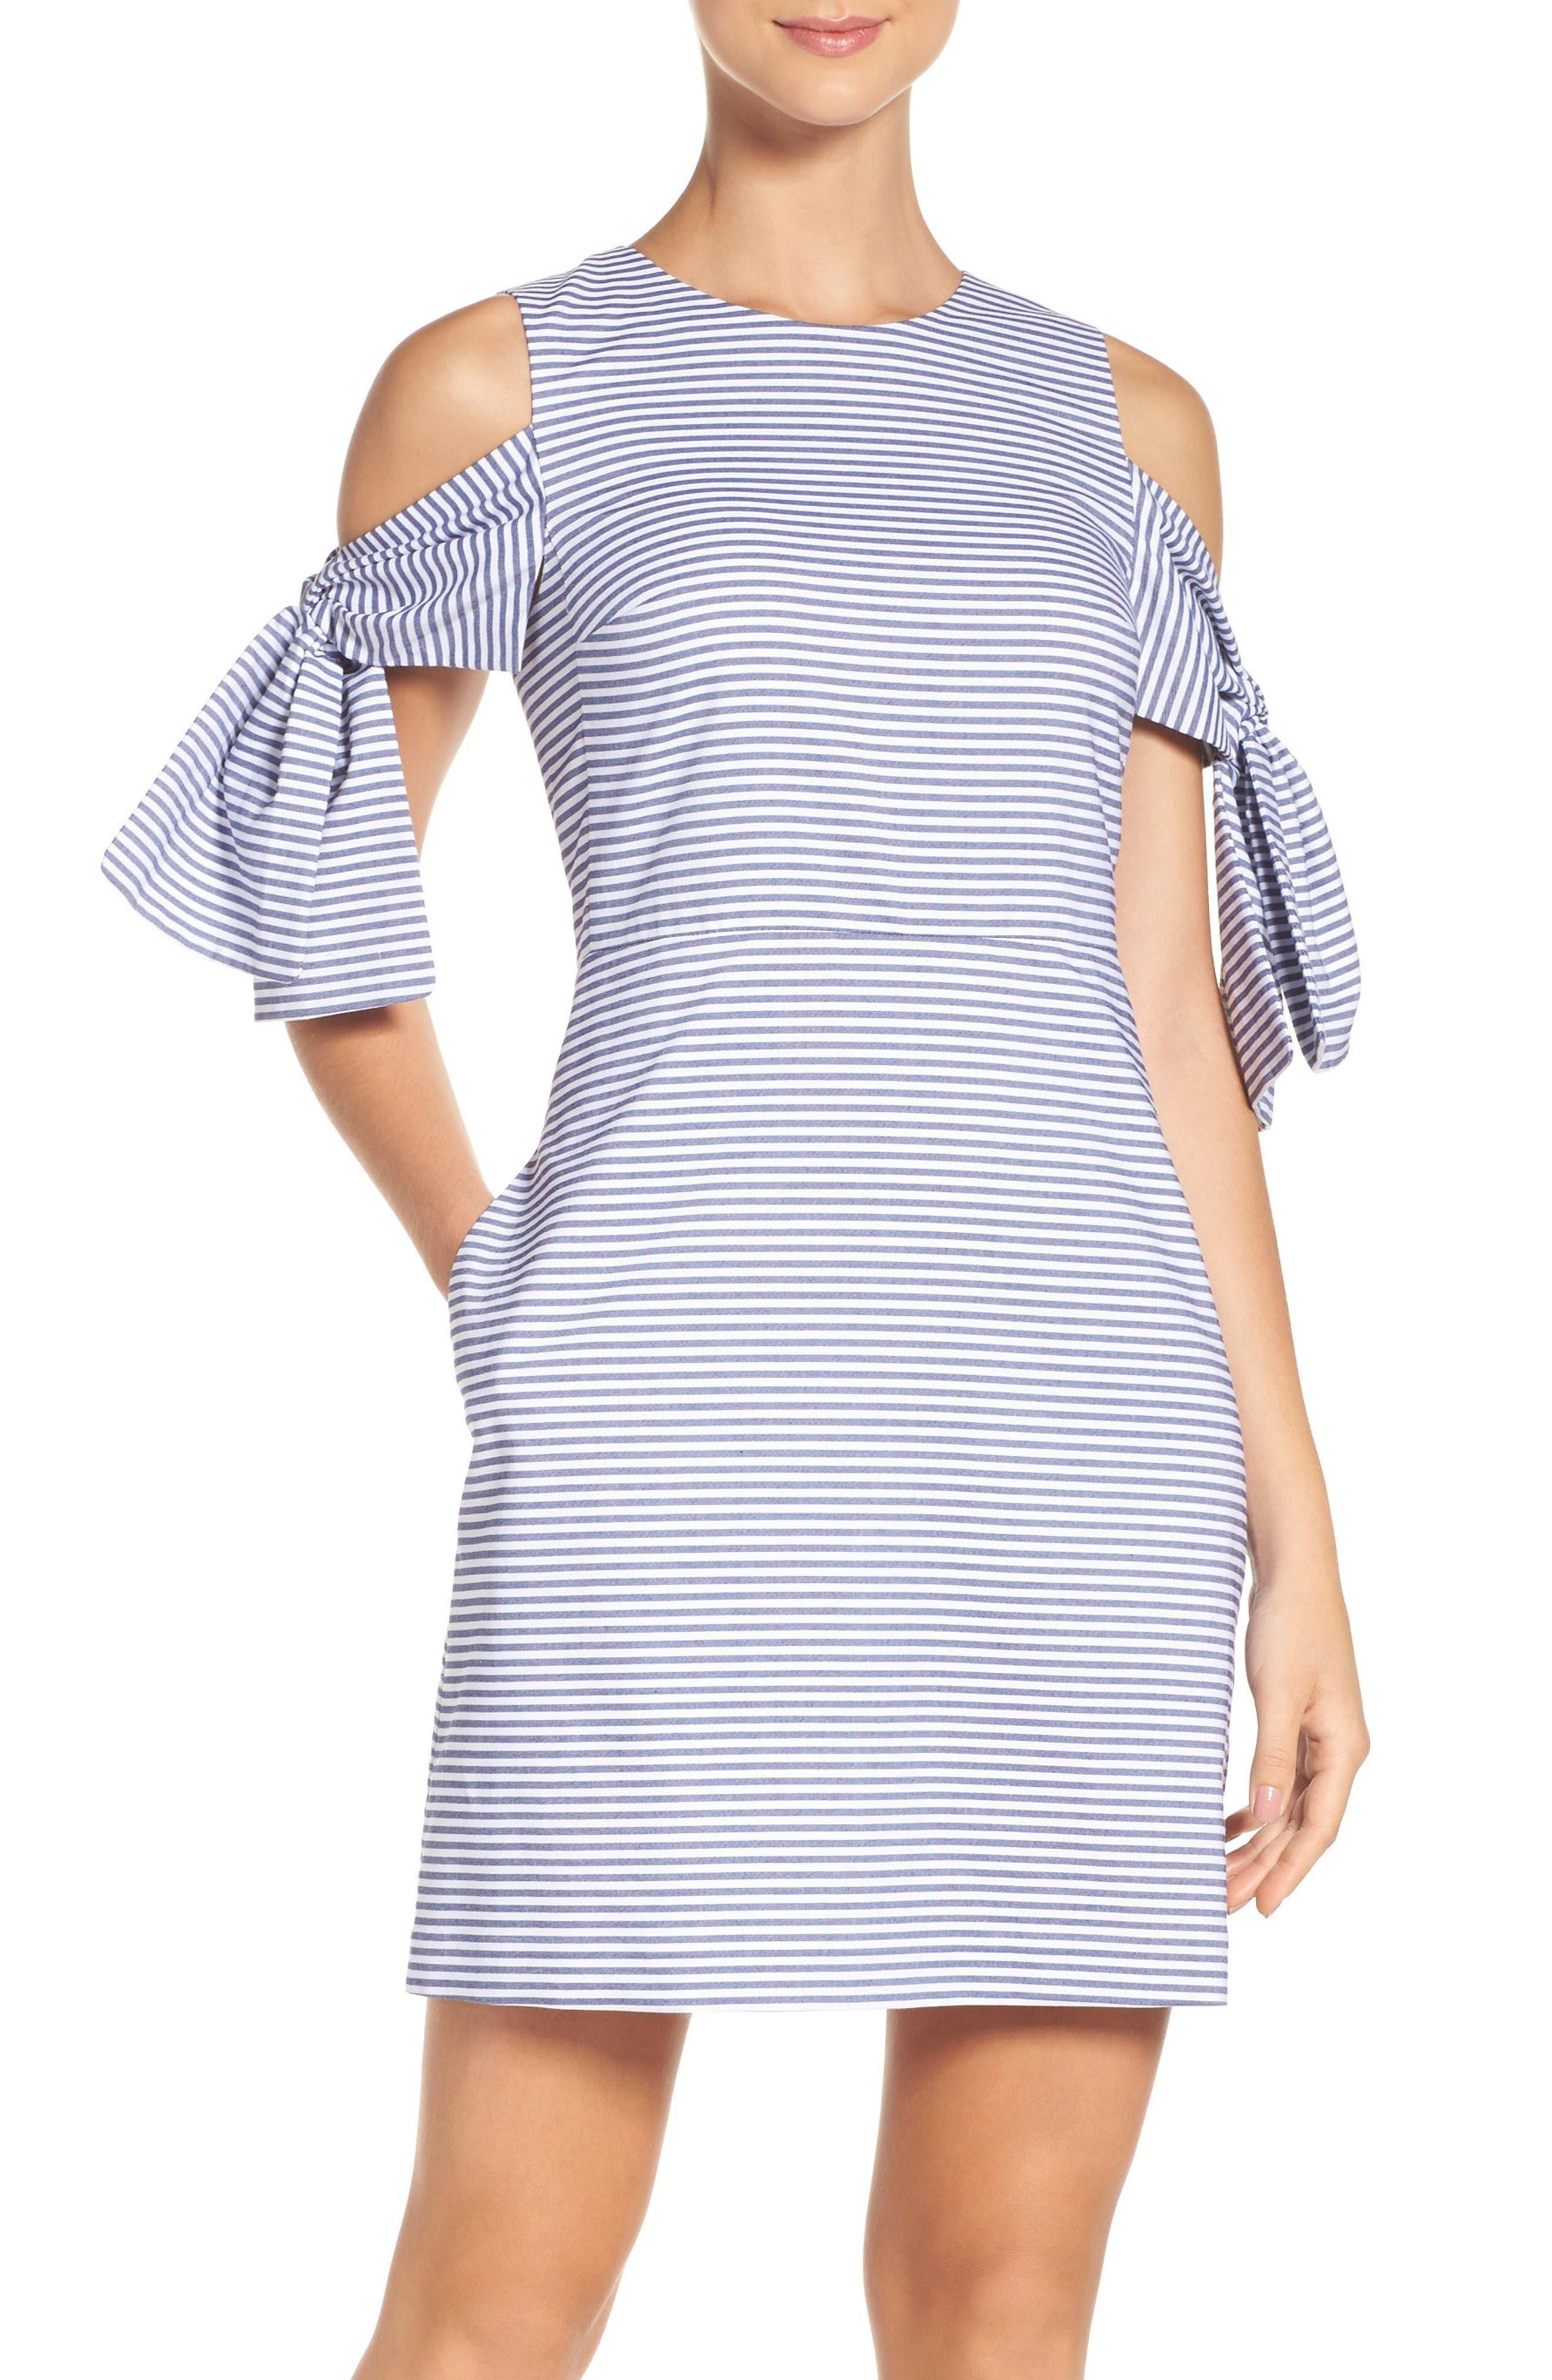 Alternate Image 1 Selected - Chelsea28 Cold Shoulder Shift Dress